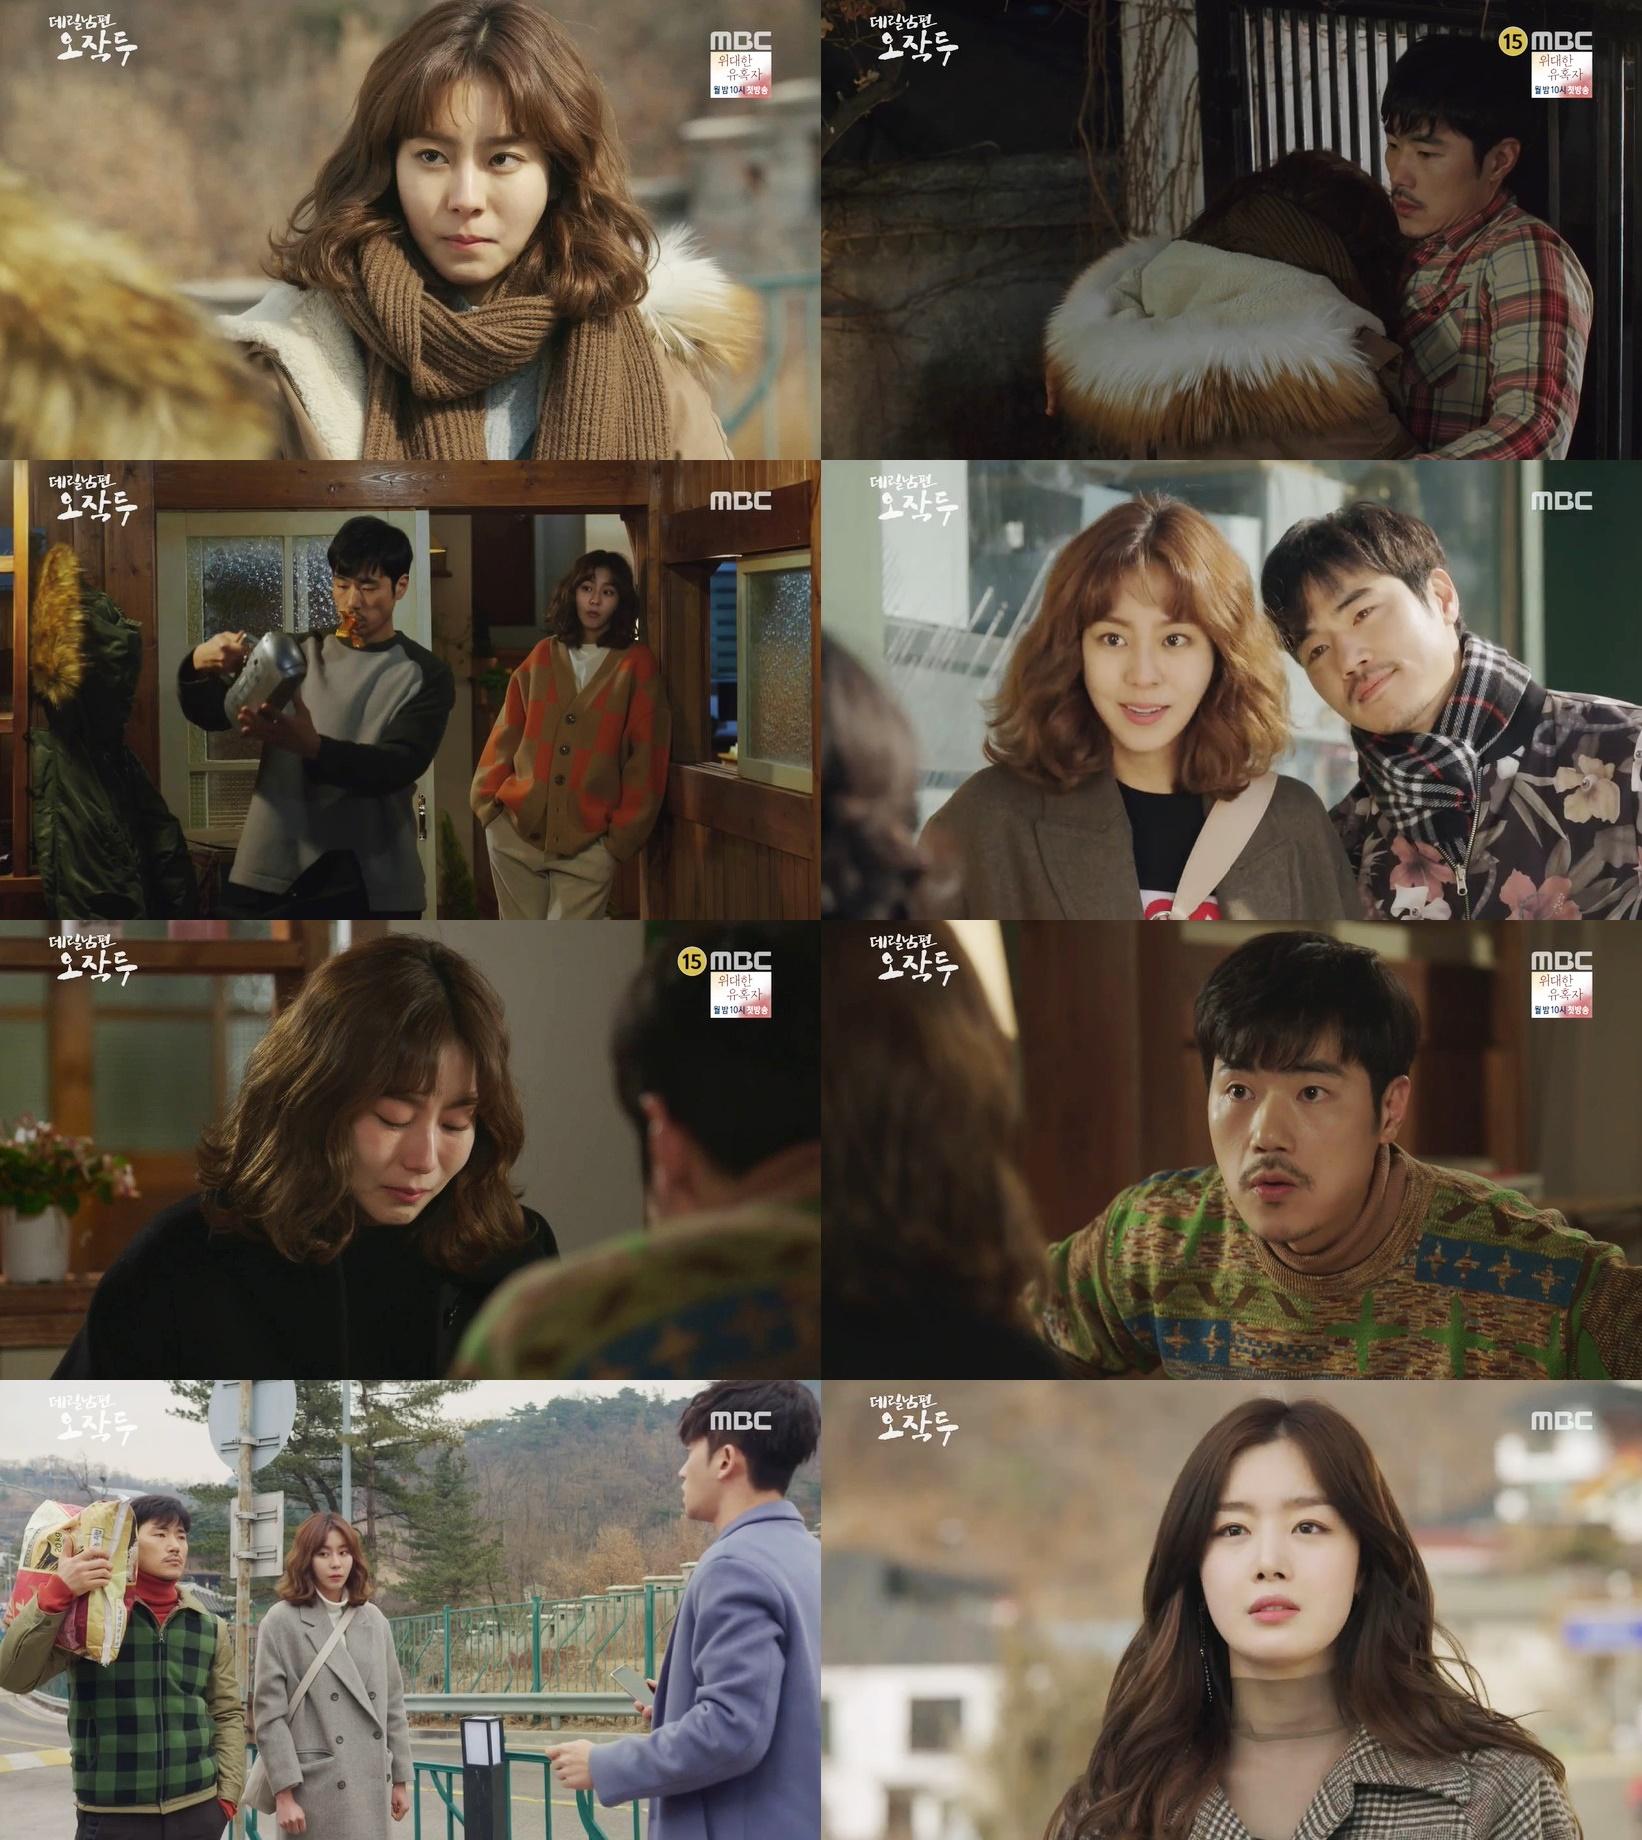 """'데릴남편 오작두' """"같이 있어줘서 고맙다"""" 김강우X유이, 동시간대 1위 이미지-1"""